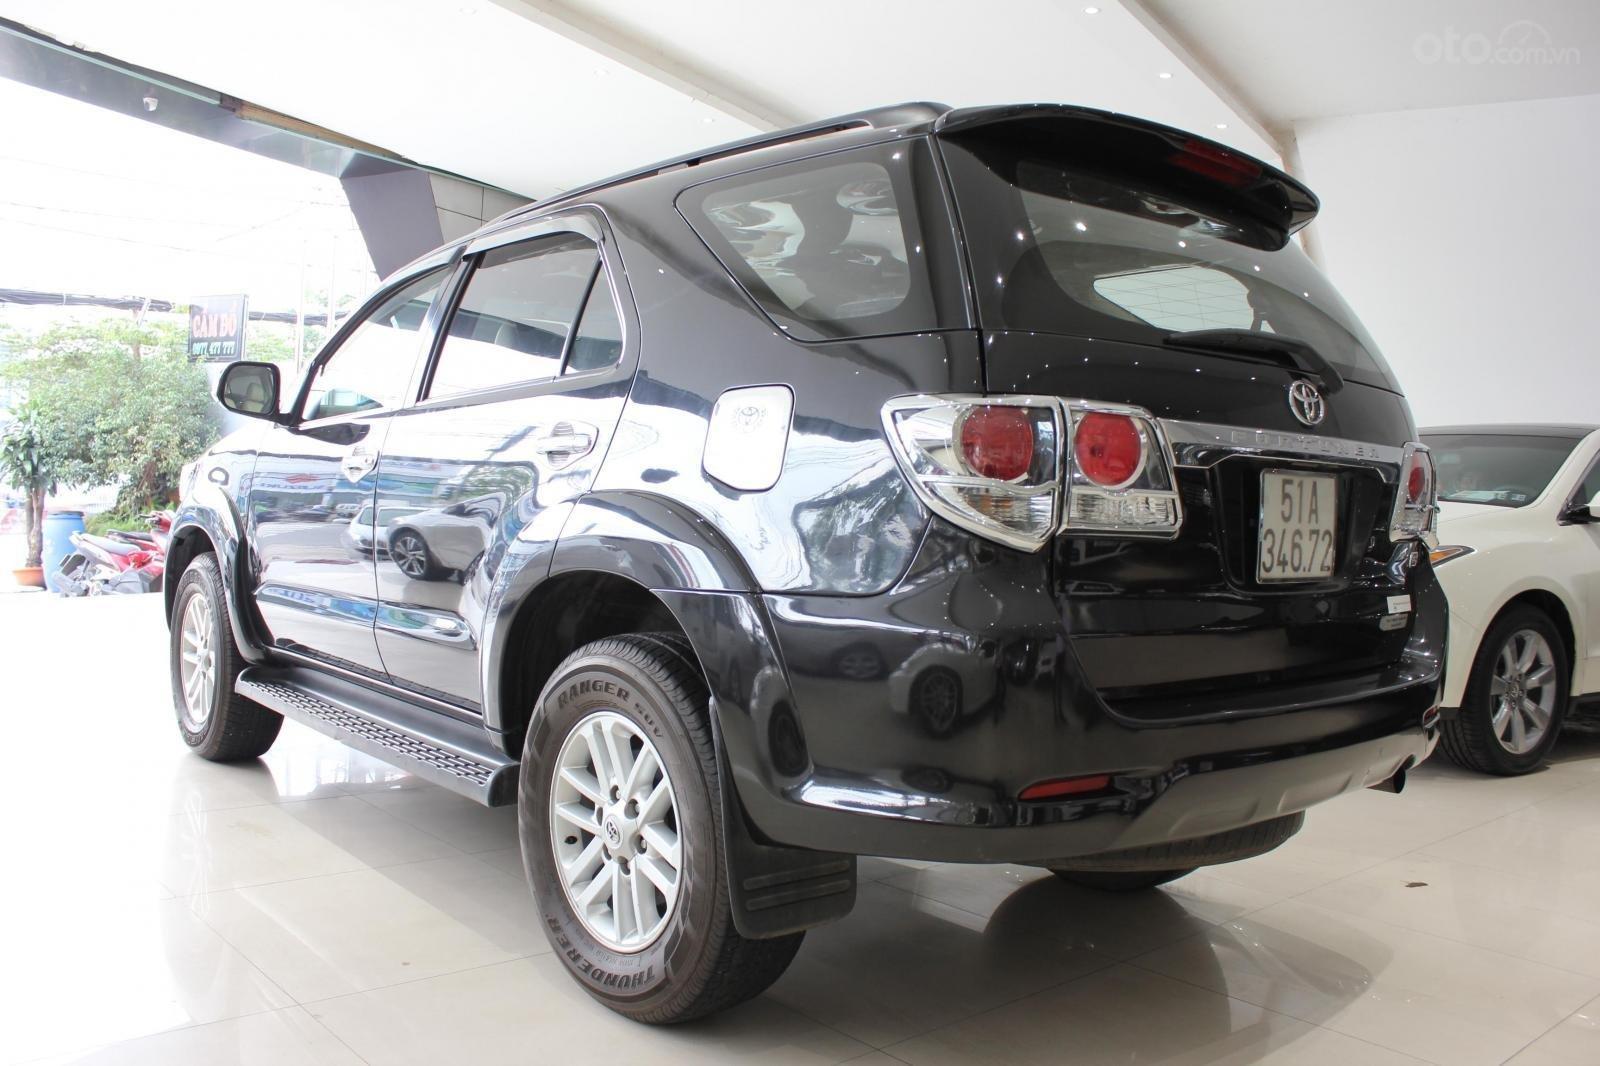 Bán xe Toyota Fortuner 2.5G MT đời 2012, máy dầu, màu đen, biển SG, xe đẹp (5)